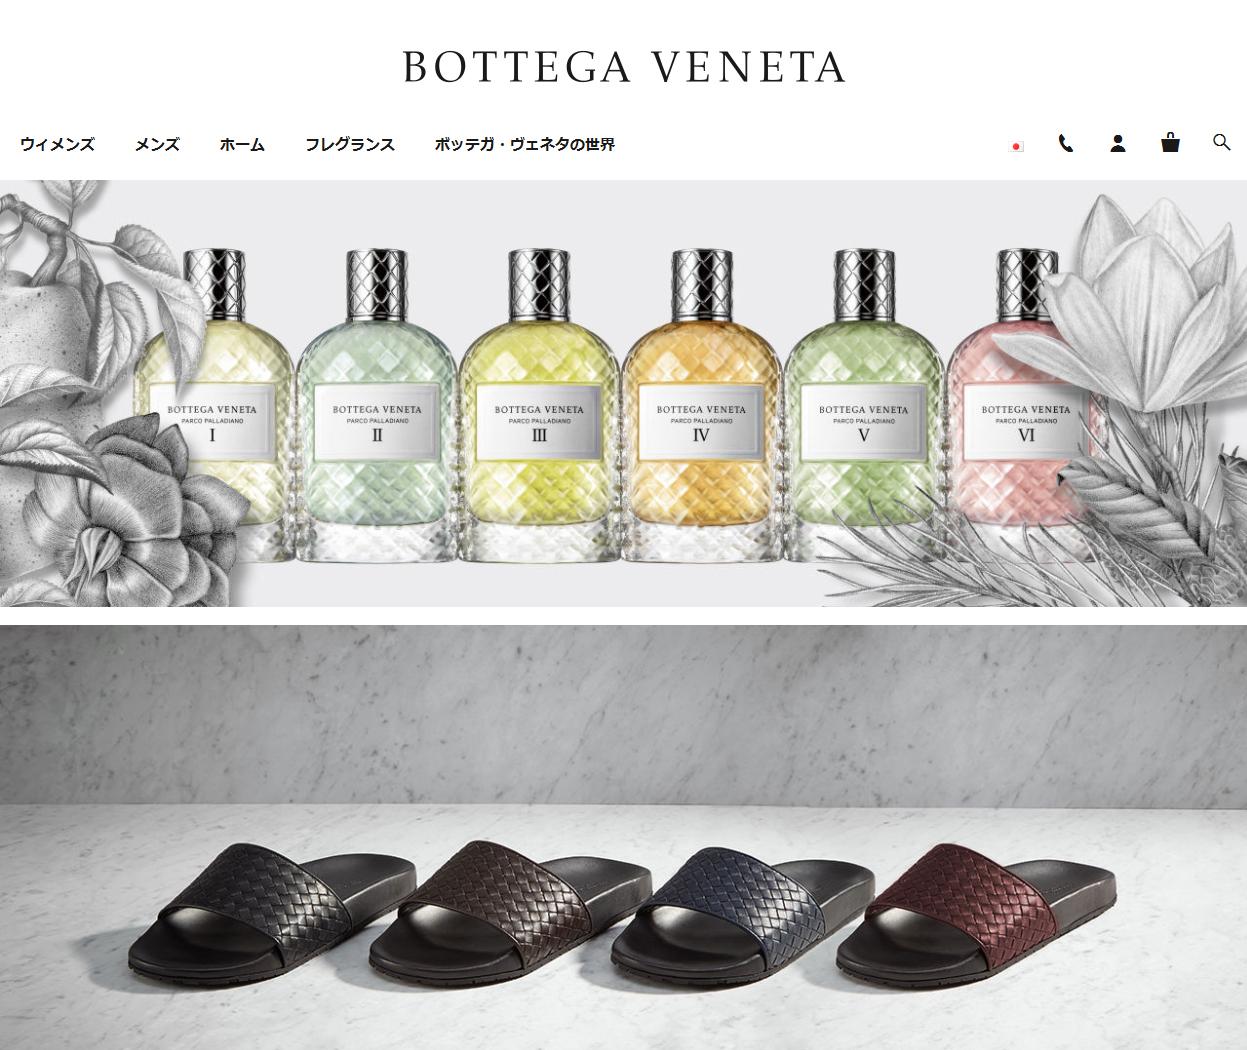 ボッテガ・ヴェネタ